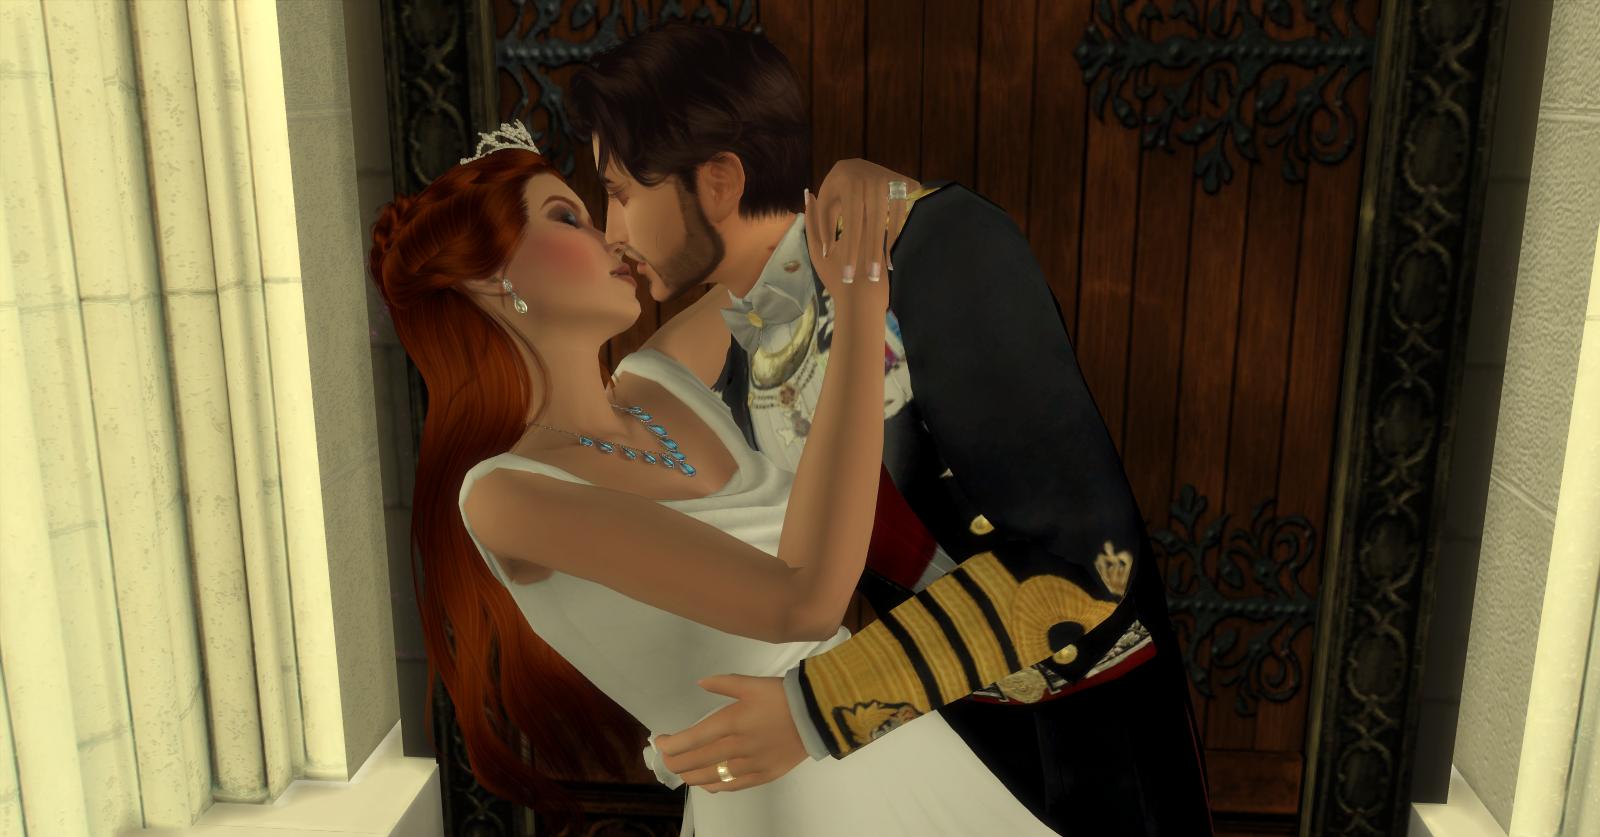 Sims  Newlyweds Cant Eat Cake